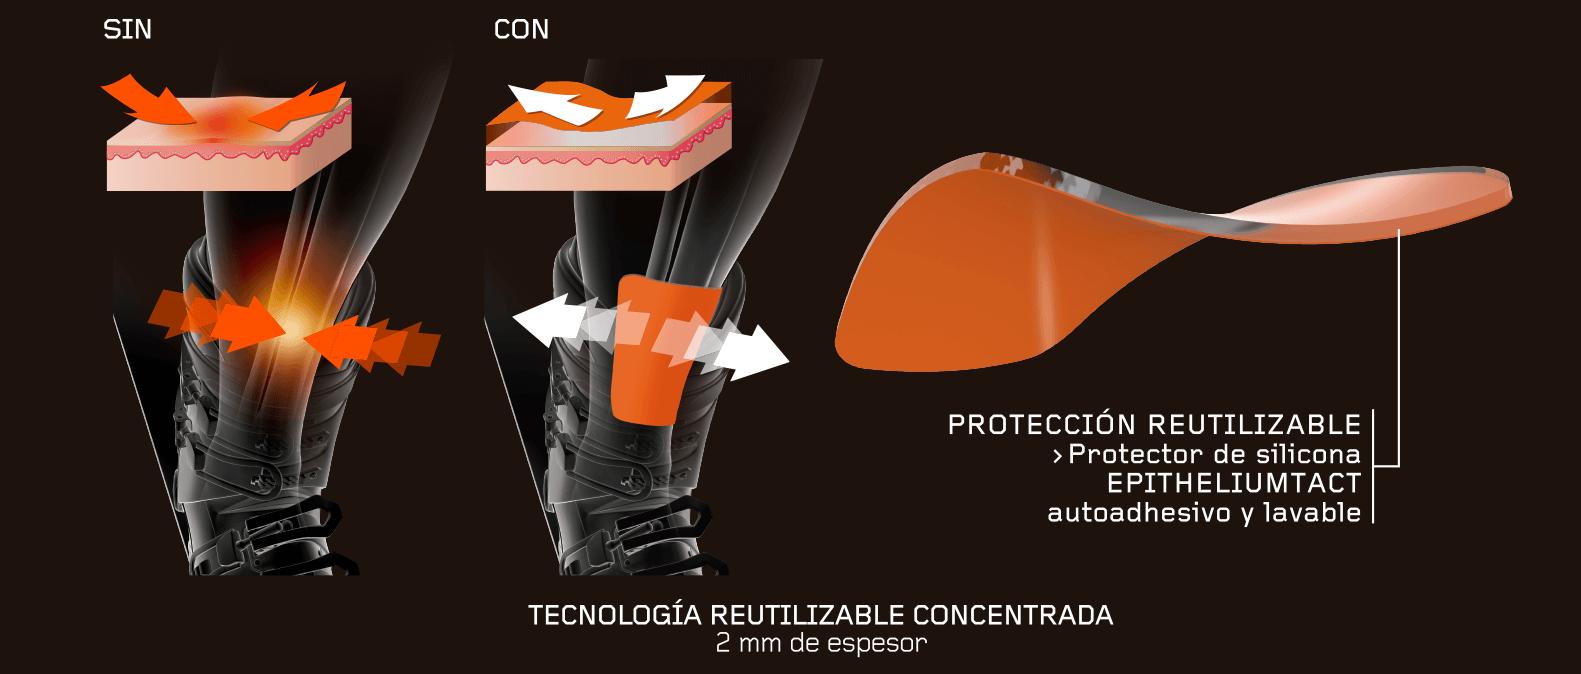 Protectores tibiales de silicona reutilizables. Autoadhesivos y lavables